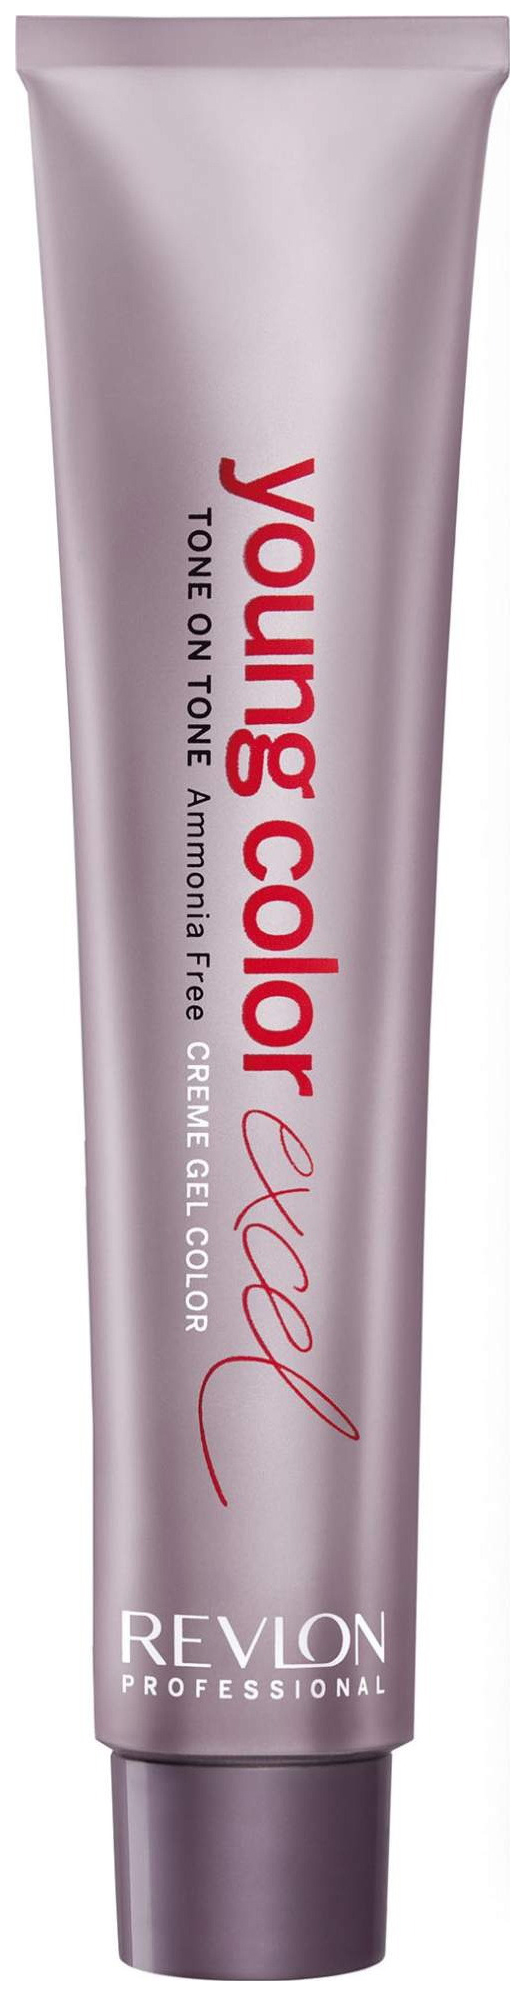 Краска для волос Revlon Professional Young Color Excel 10-02 Светлый перламутровый 70 мл